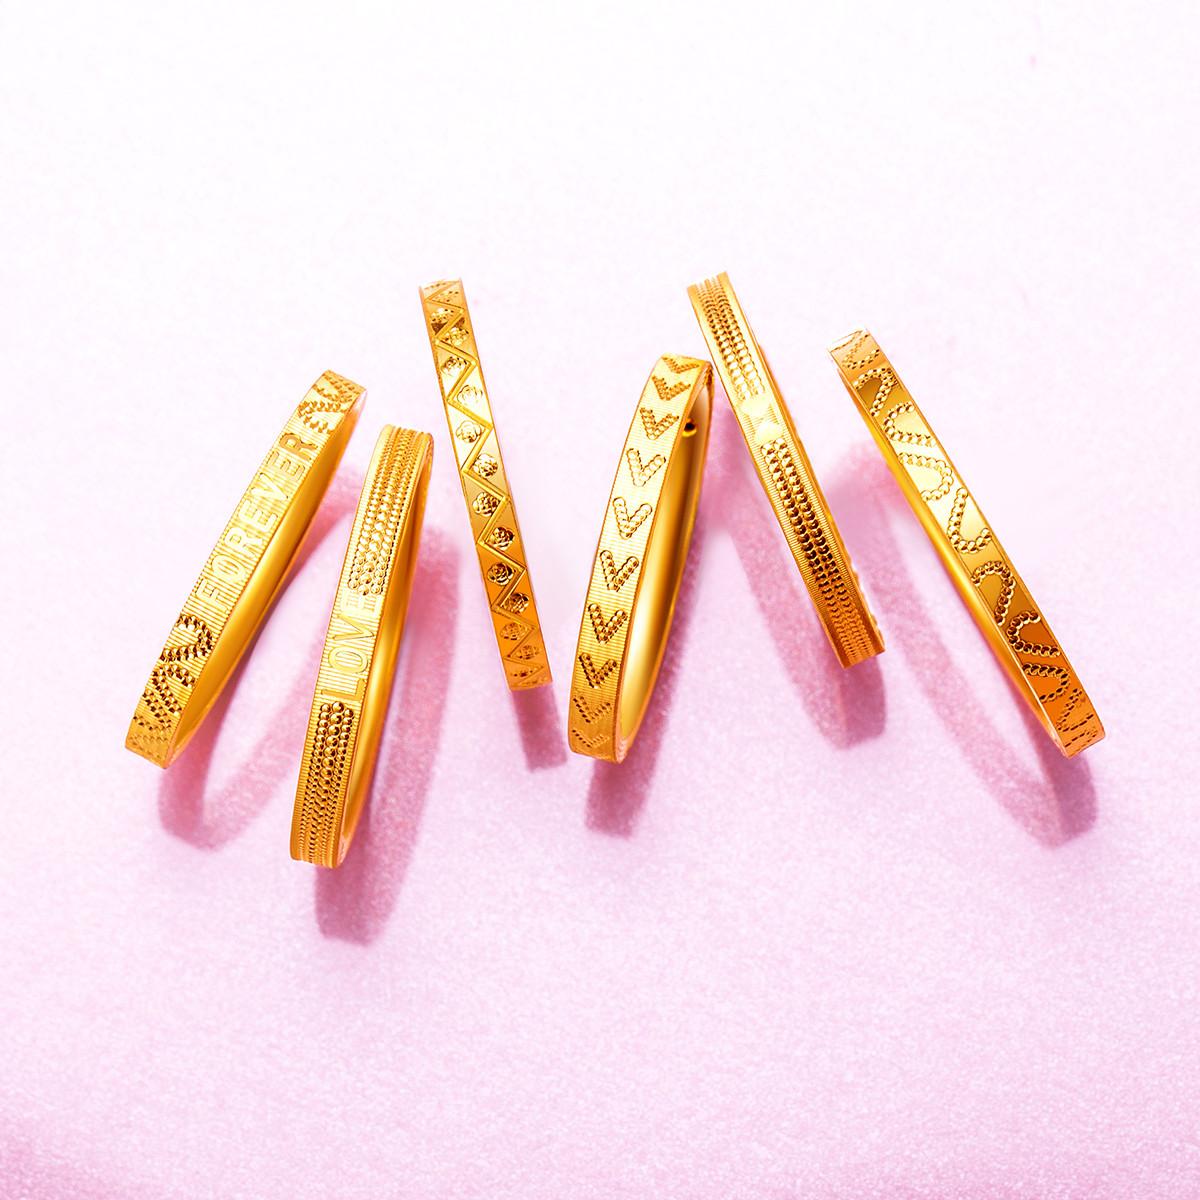 梦金园时尚3D硬金足金黄金戒指女士食指戒尾戒单只/计价/多款可选GTYJJZ008